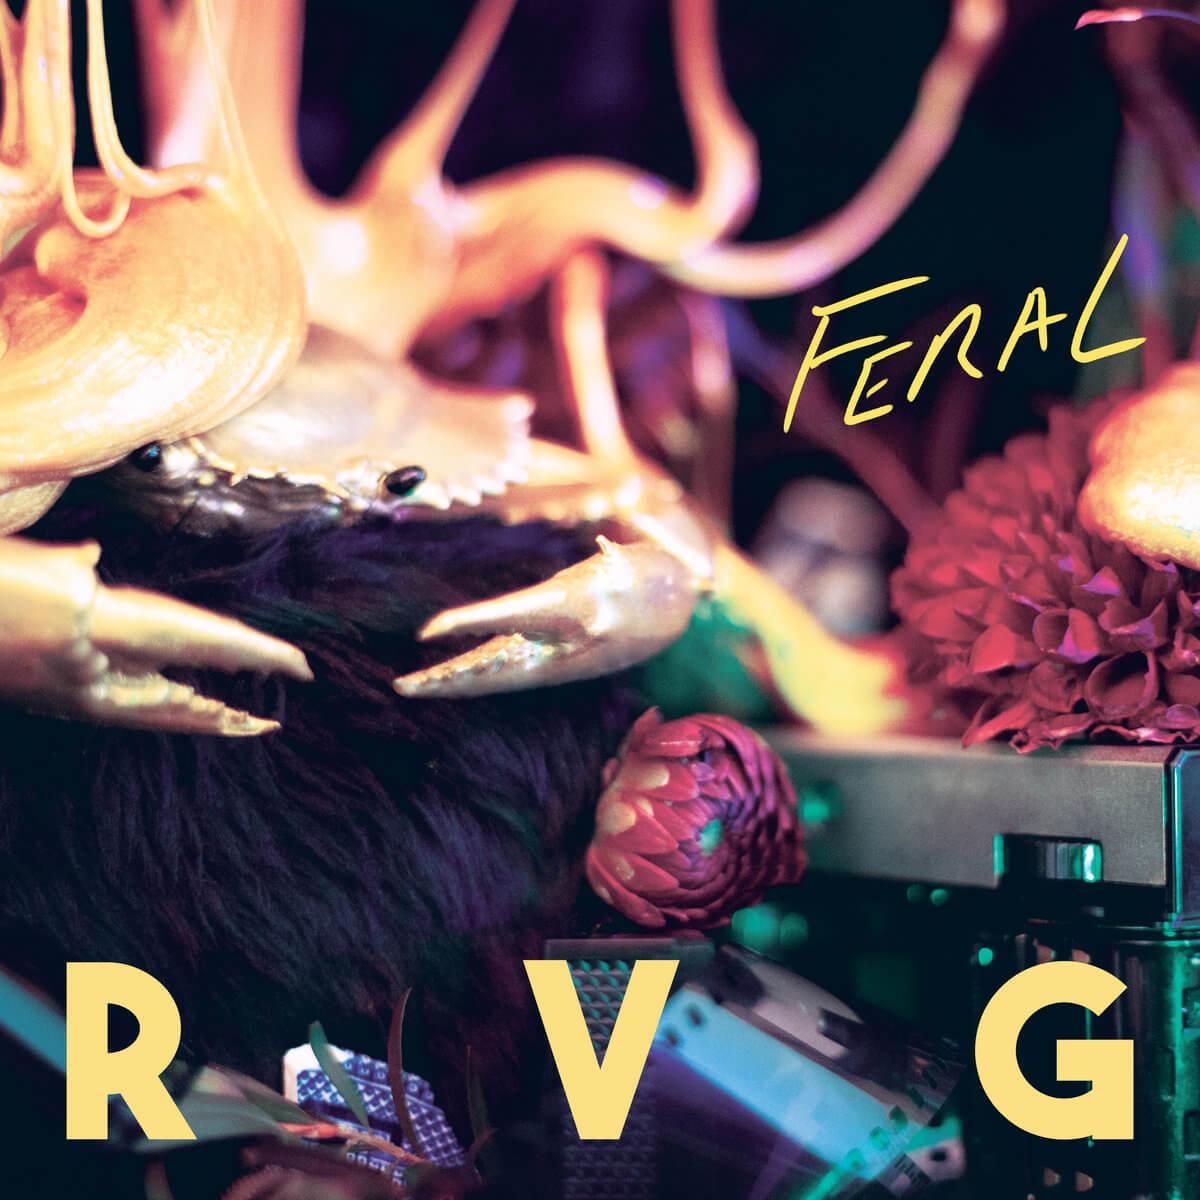 RVG-Feral